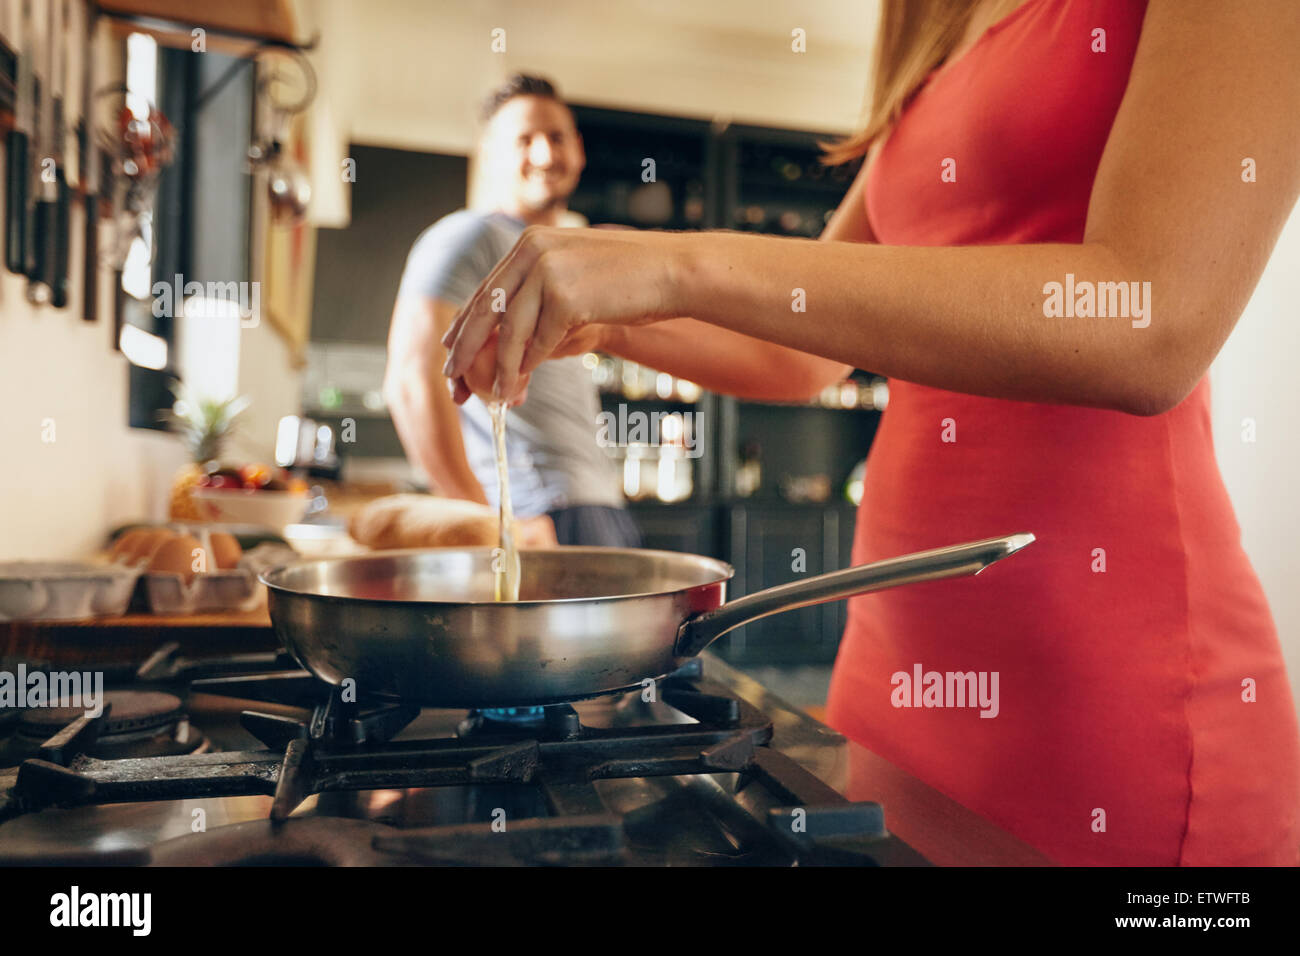 Ritagliato colpo di donna cracking mani un uovo su una padella sul fornello. Femmina di preparare la colazione con Immagini Stock